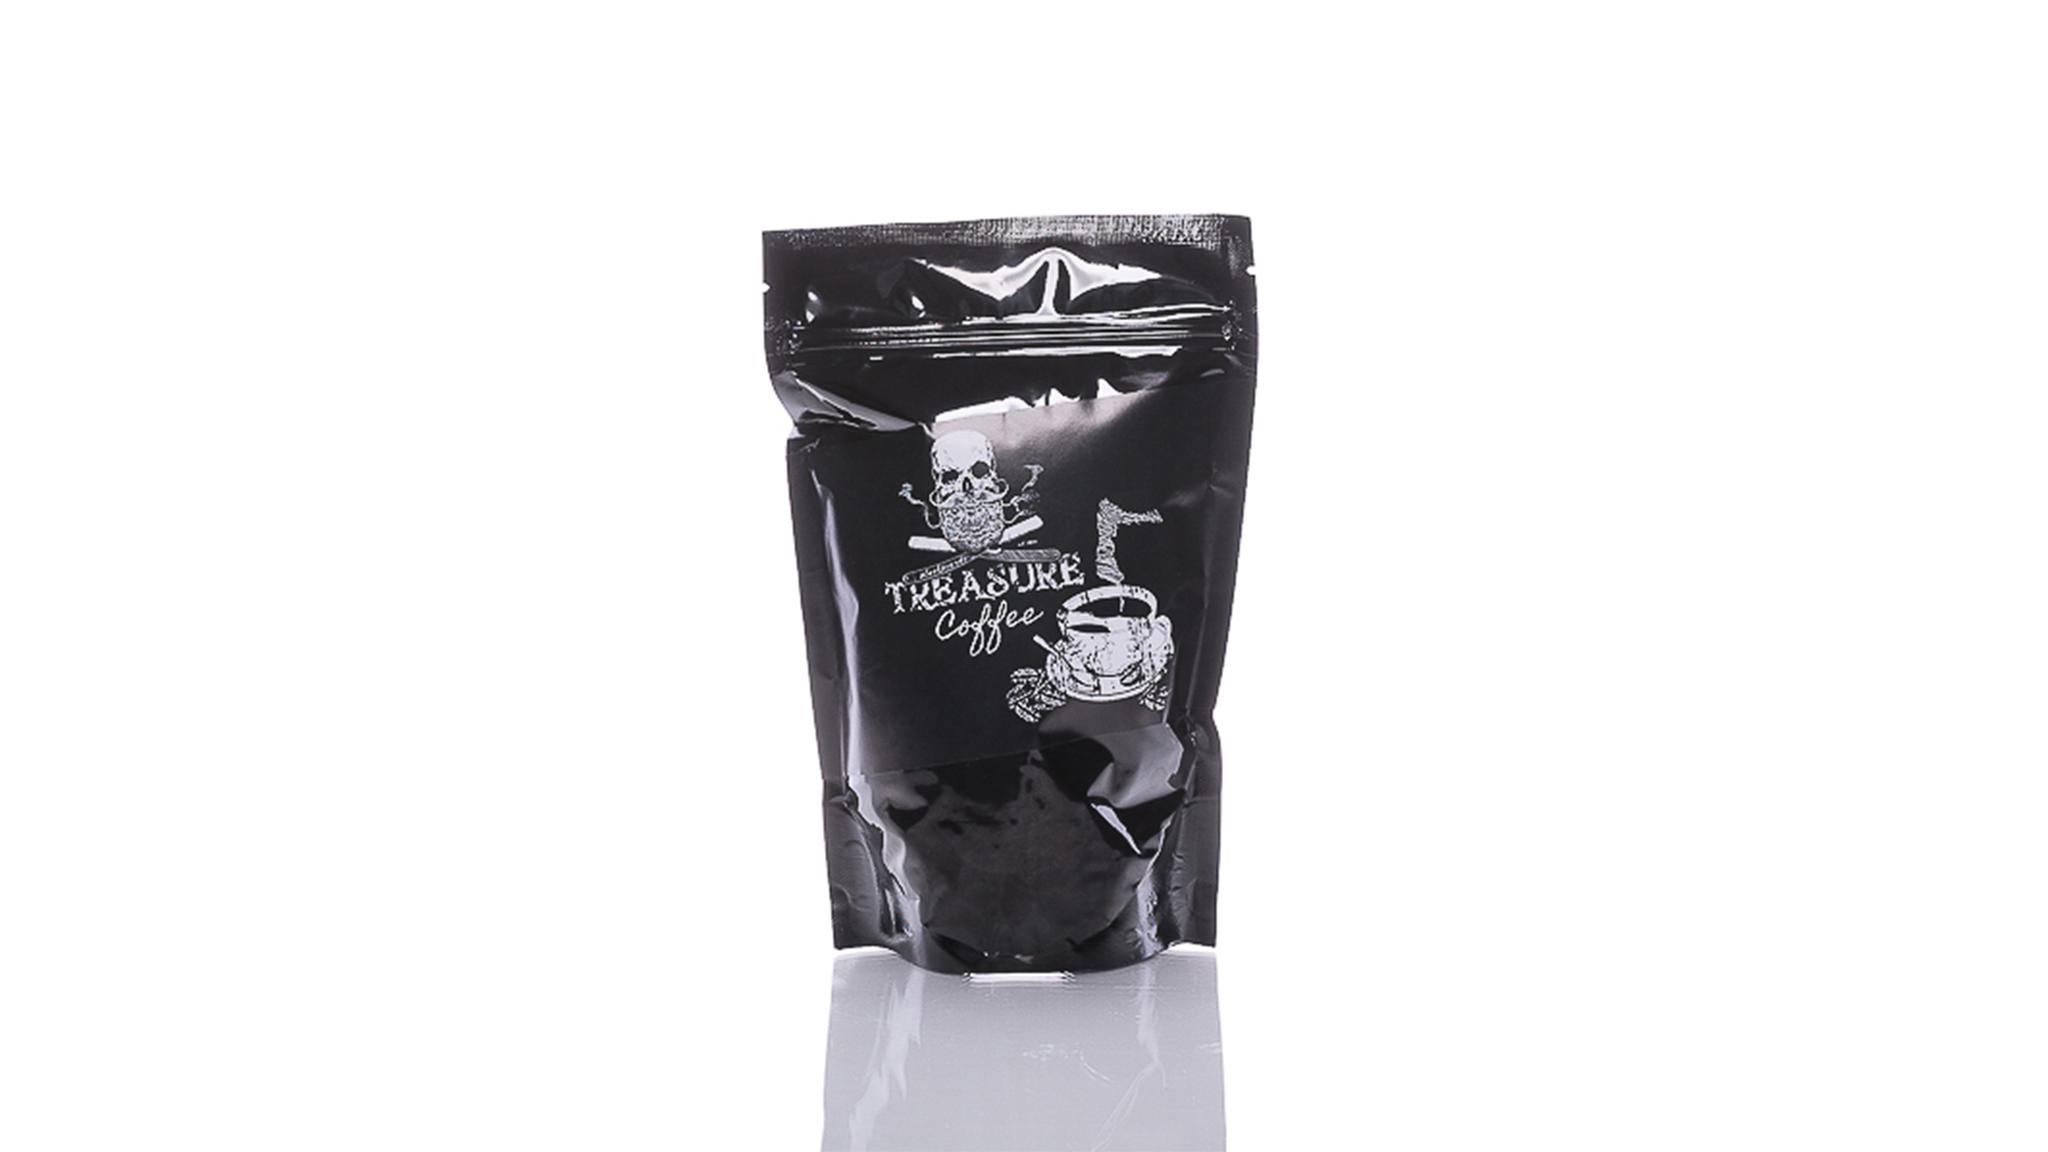 Der blackbeards Kaffee Treasure brachte das volle Arome von 5 Arabica Sorten in deine Lieblingstasse.